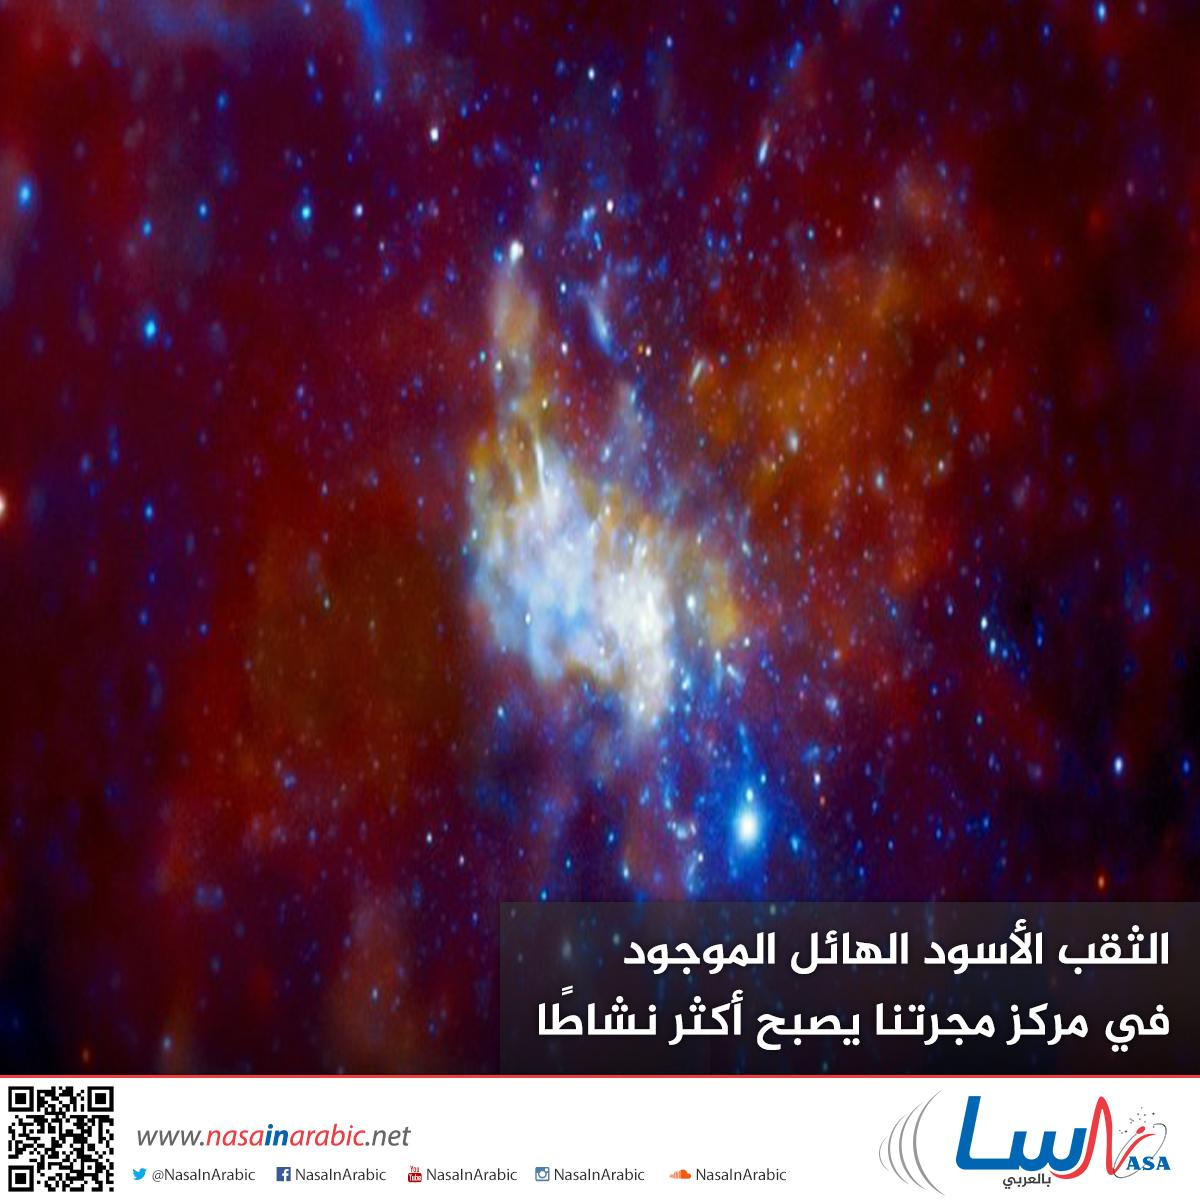 الثقب الأسود الهائل الموجود في مركز مجرتنا يصبح أكثر نشاطًا